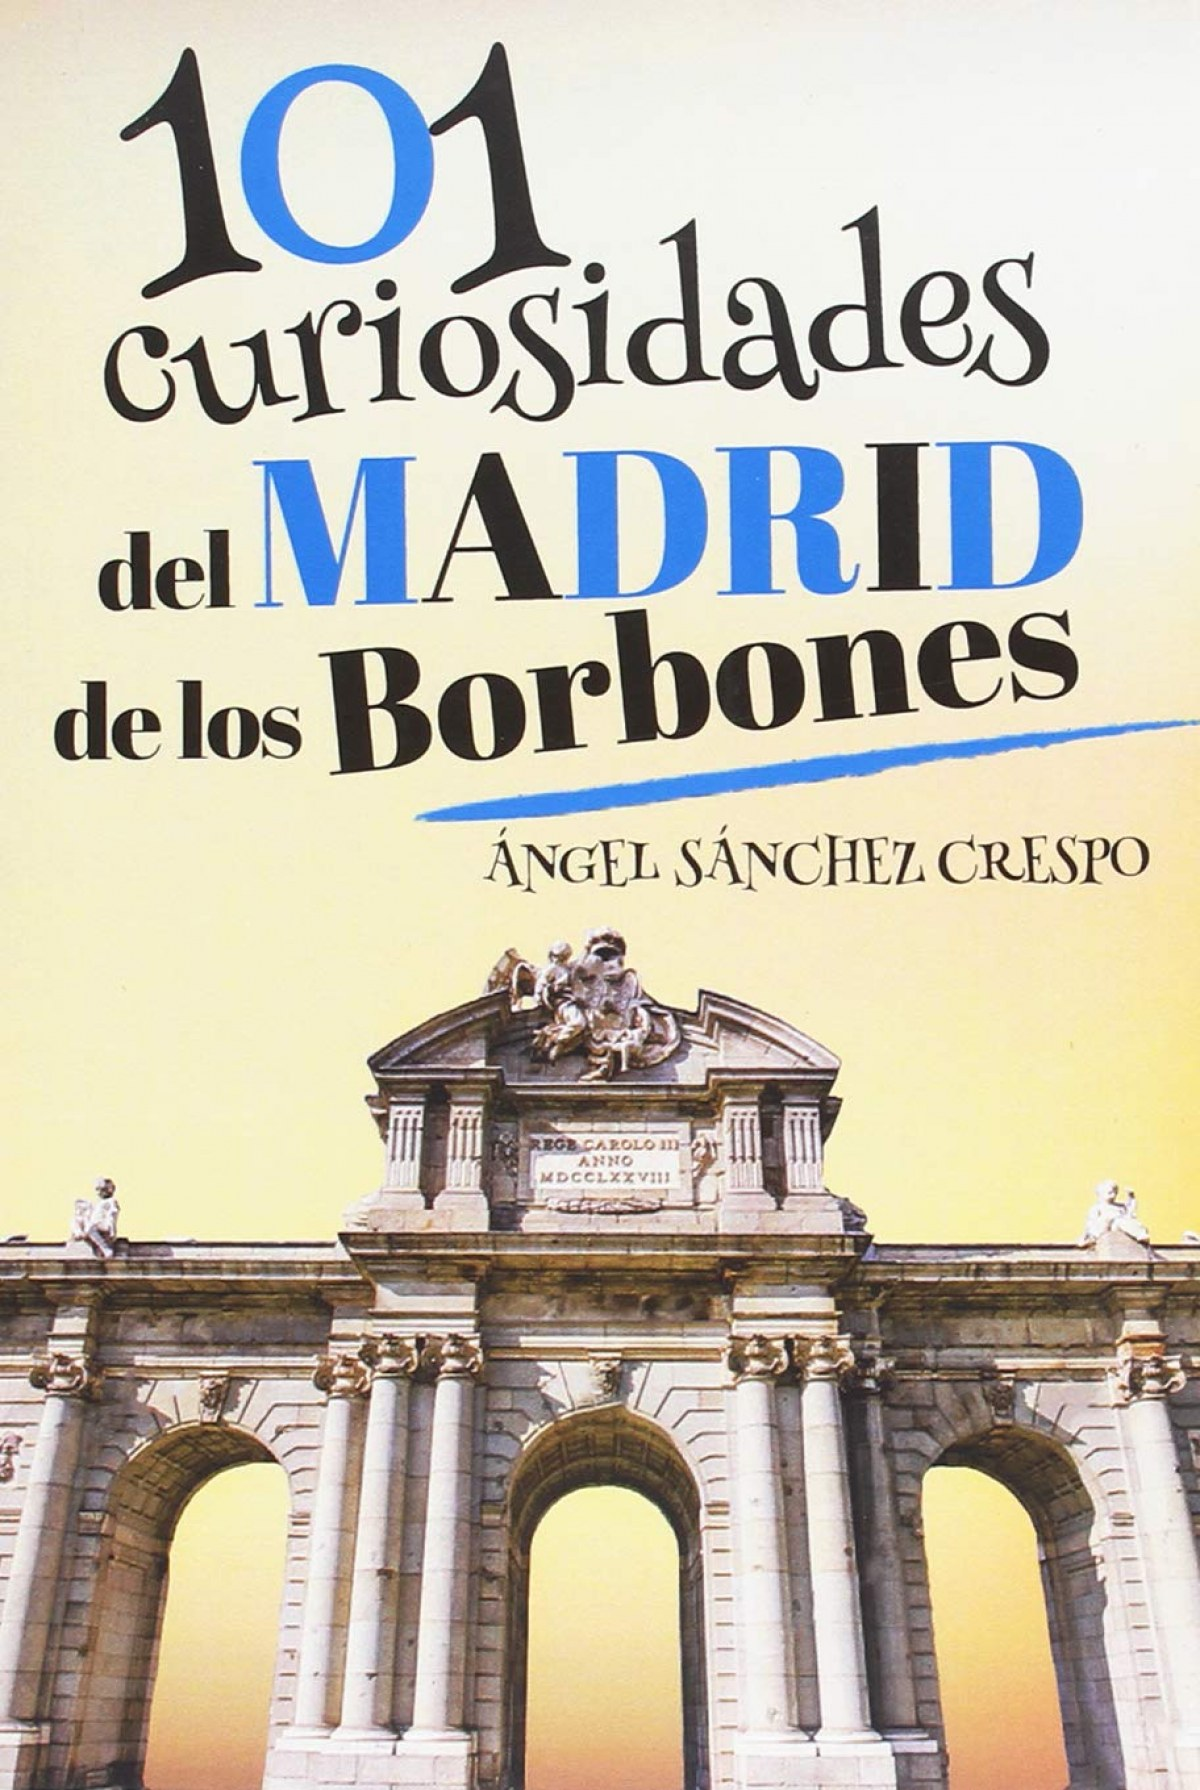 101 curiosidades del Madrid de los Borbones